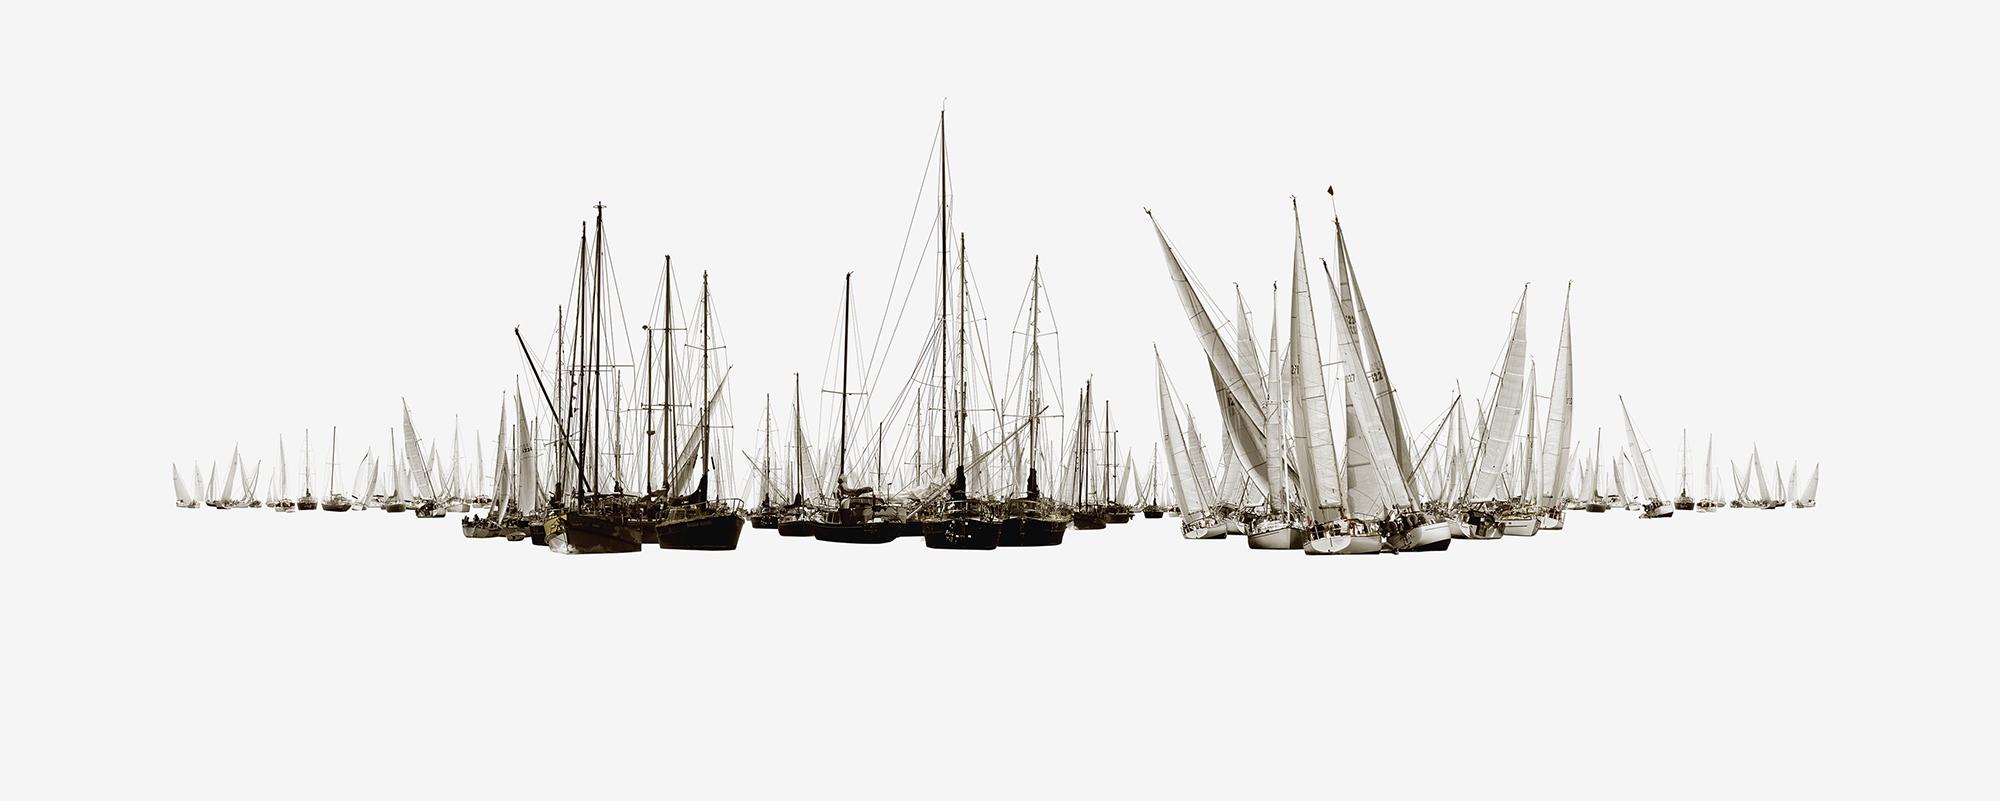 City of sails II